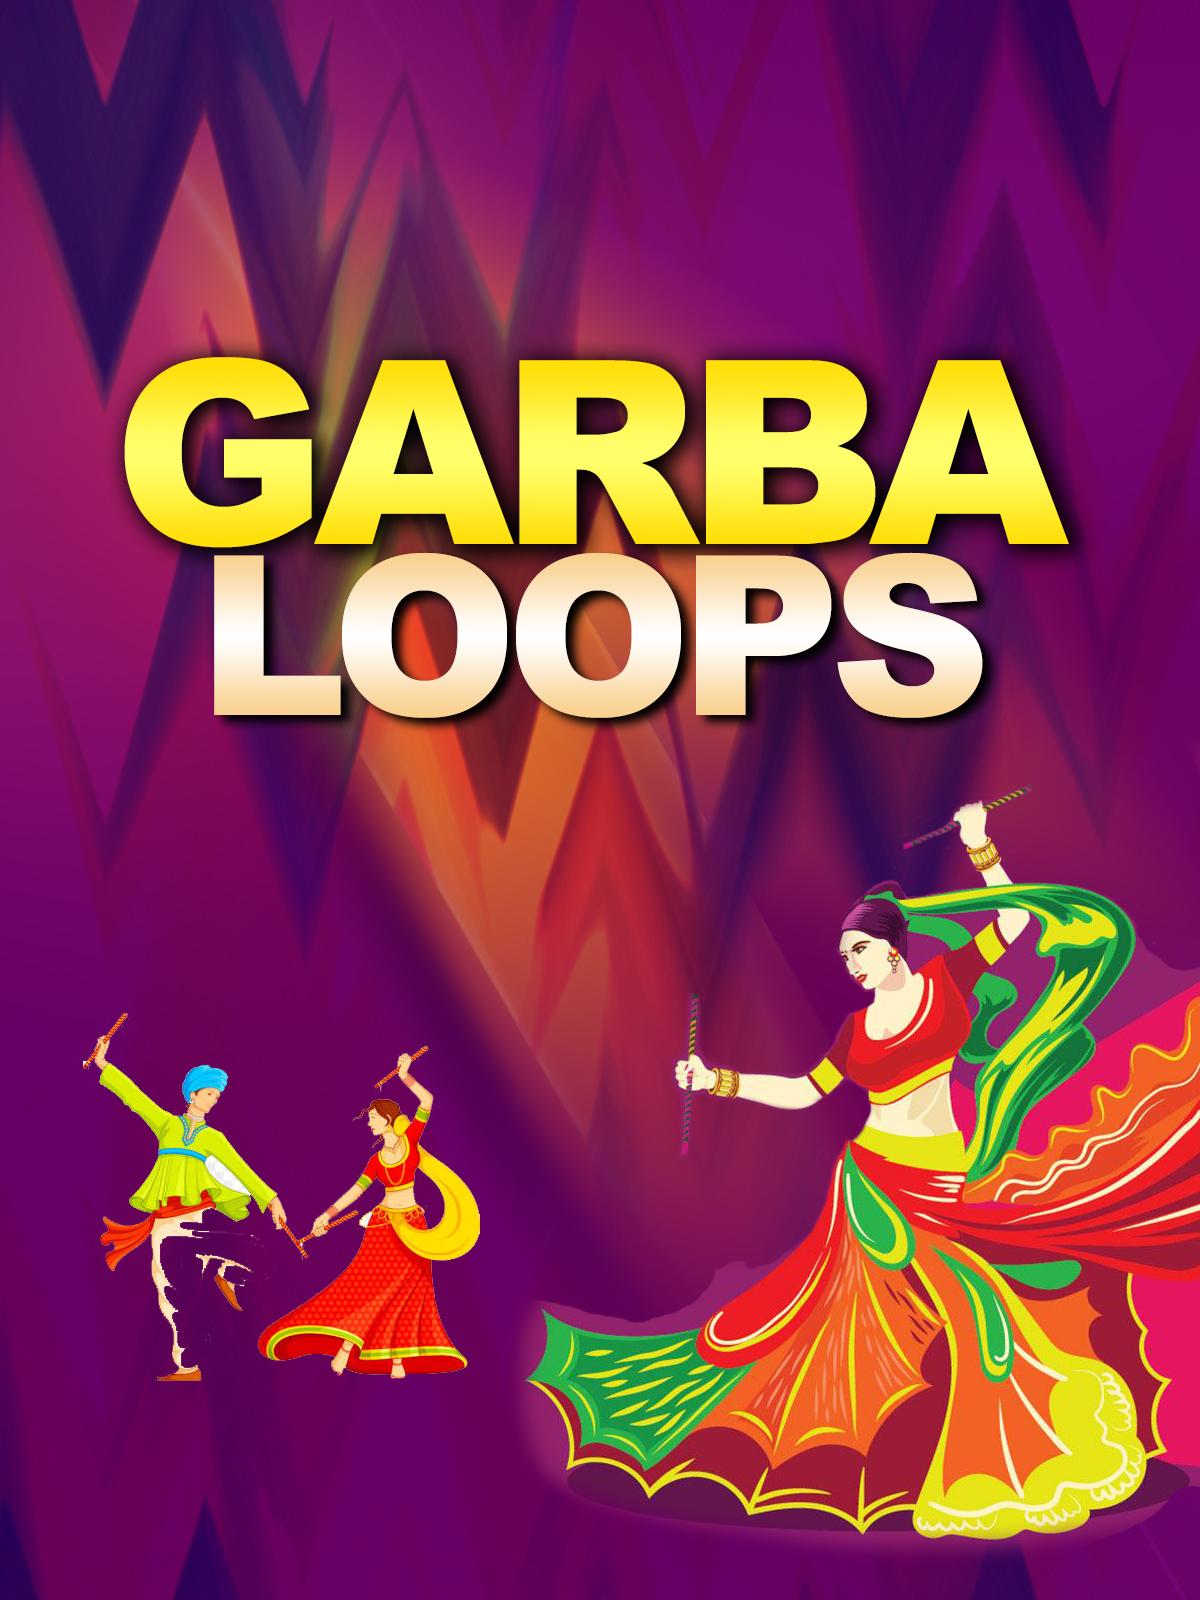 Garba Loops - Free Download